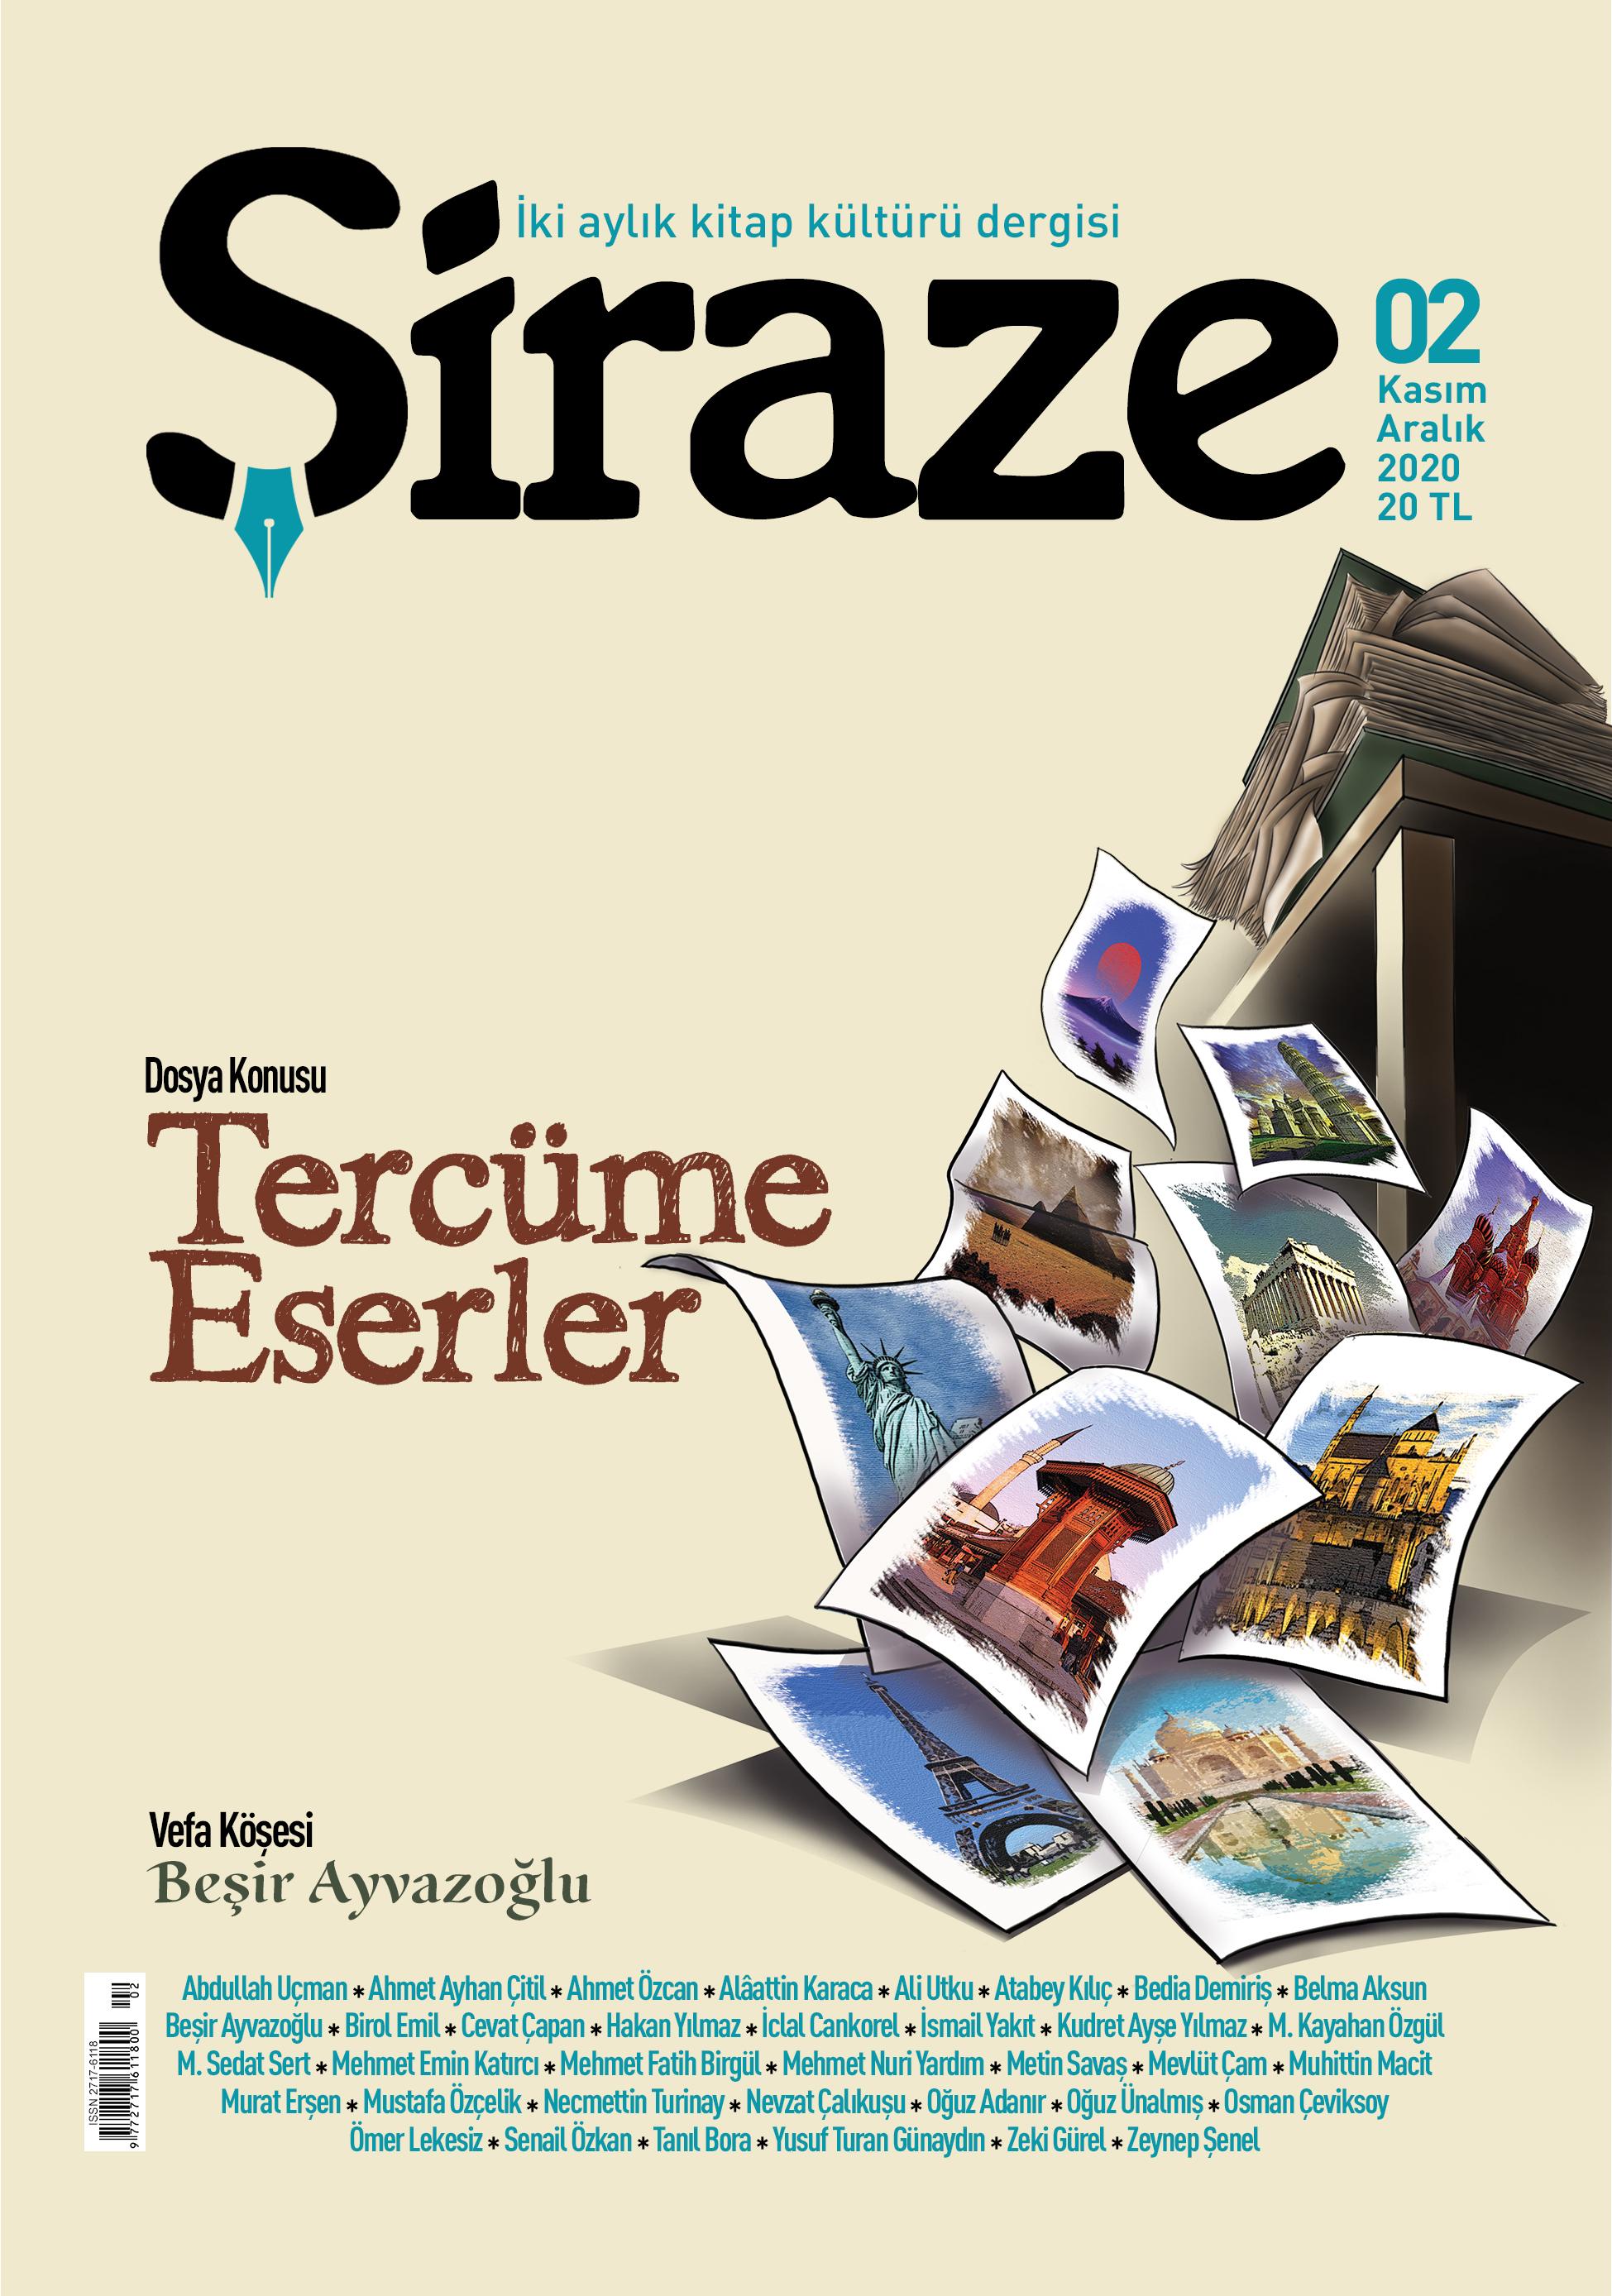 Şiraze dergisi 2. Sayısı 1 Kasım 2020'de yayımlanıyor